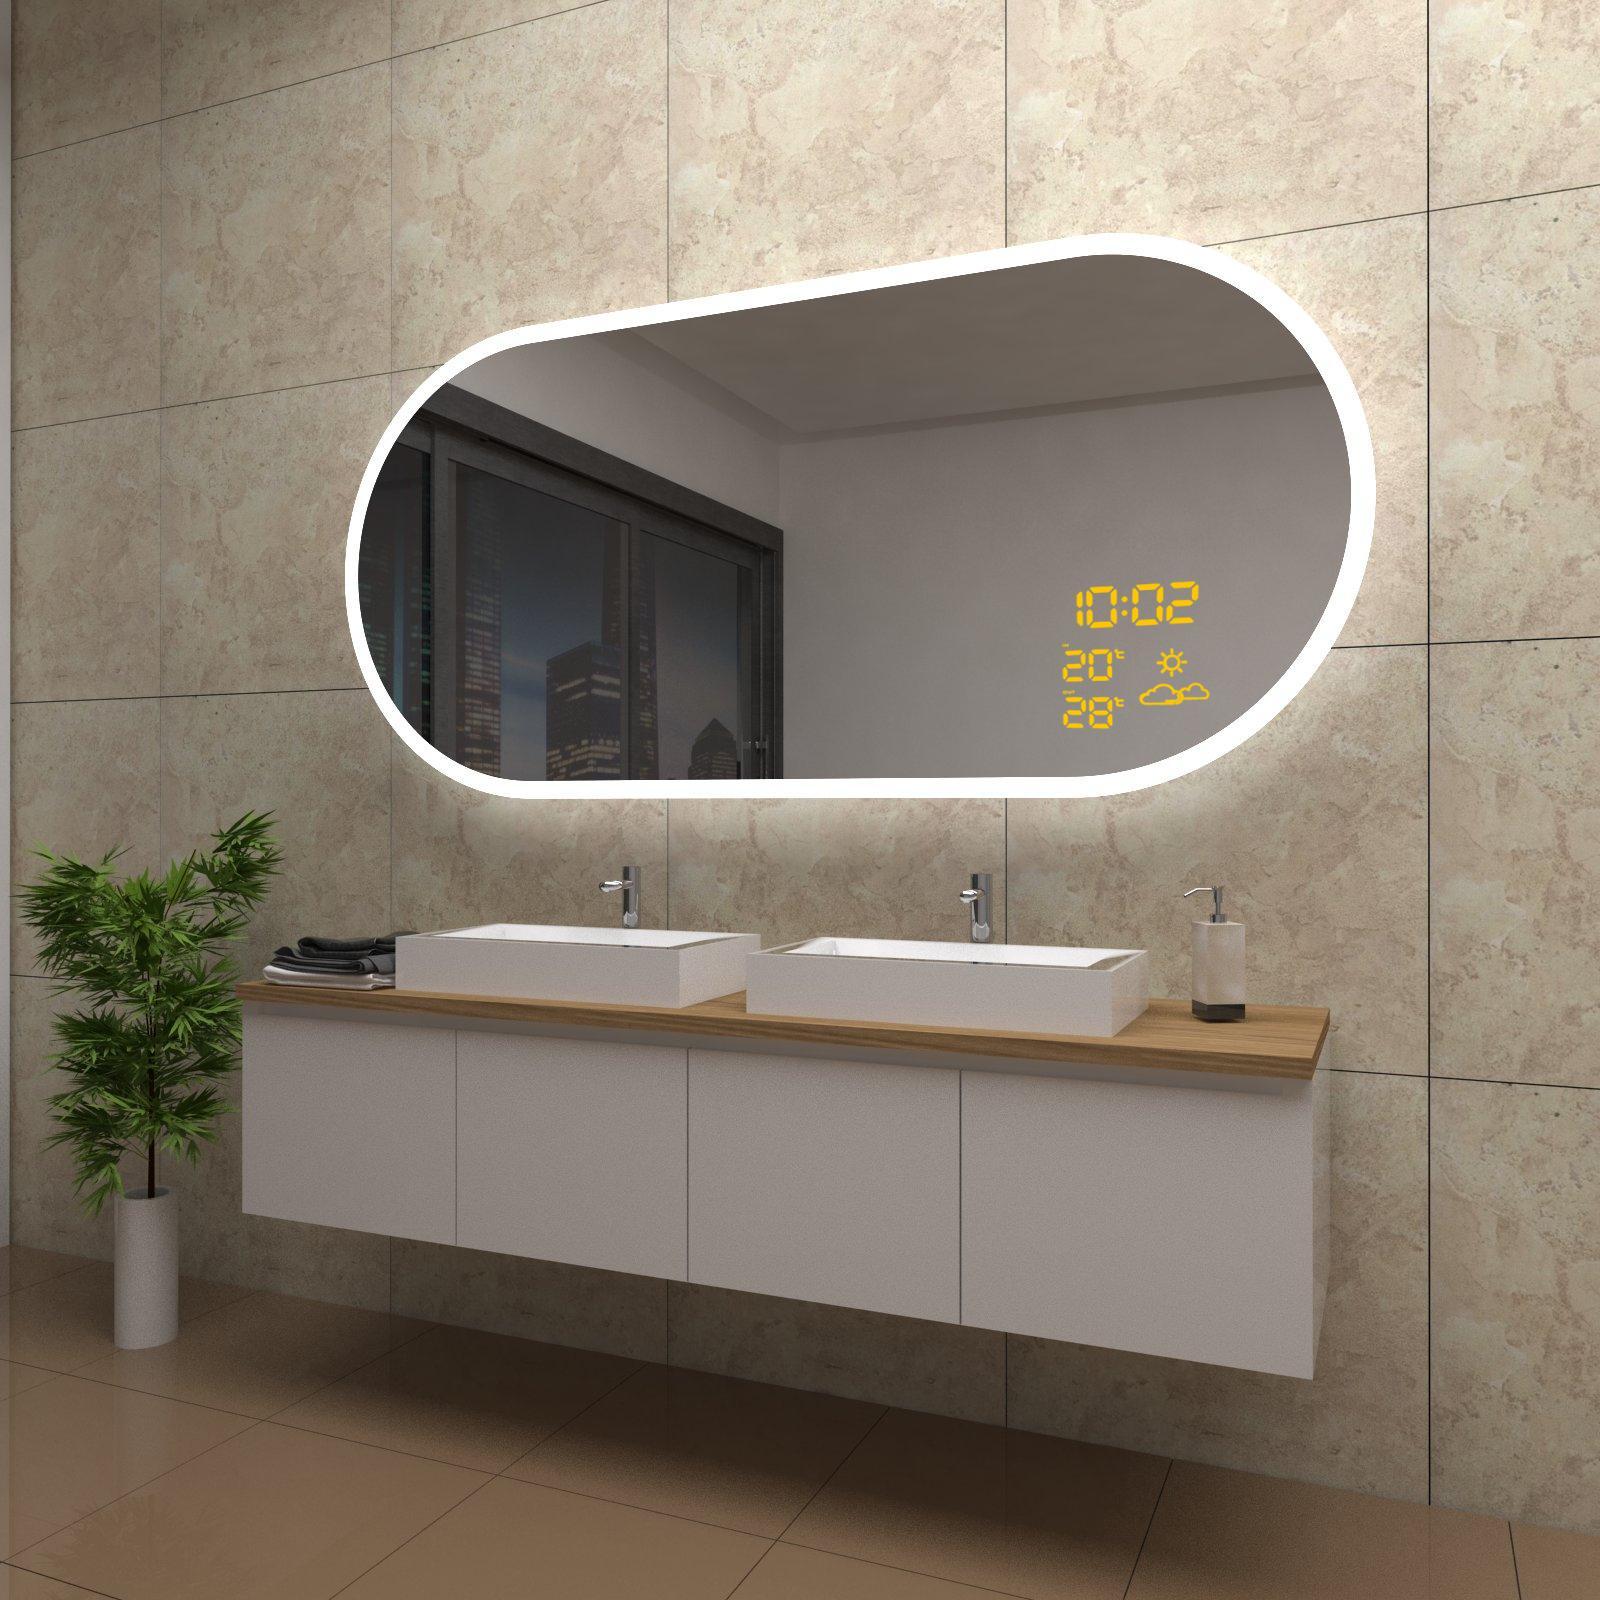 spiegel-holly-mit-led-beleuchtung-und-wetterstation-inkl-uhr-beschlagfrei_800x800@2x Spannende Spiegel Mit Led Beleuchtung Dekorationen